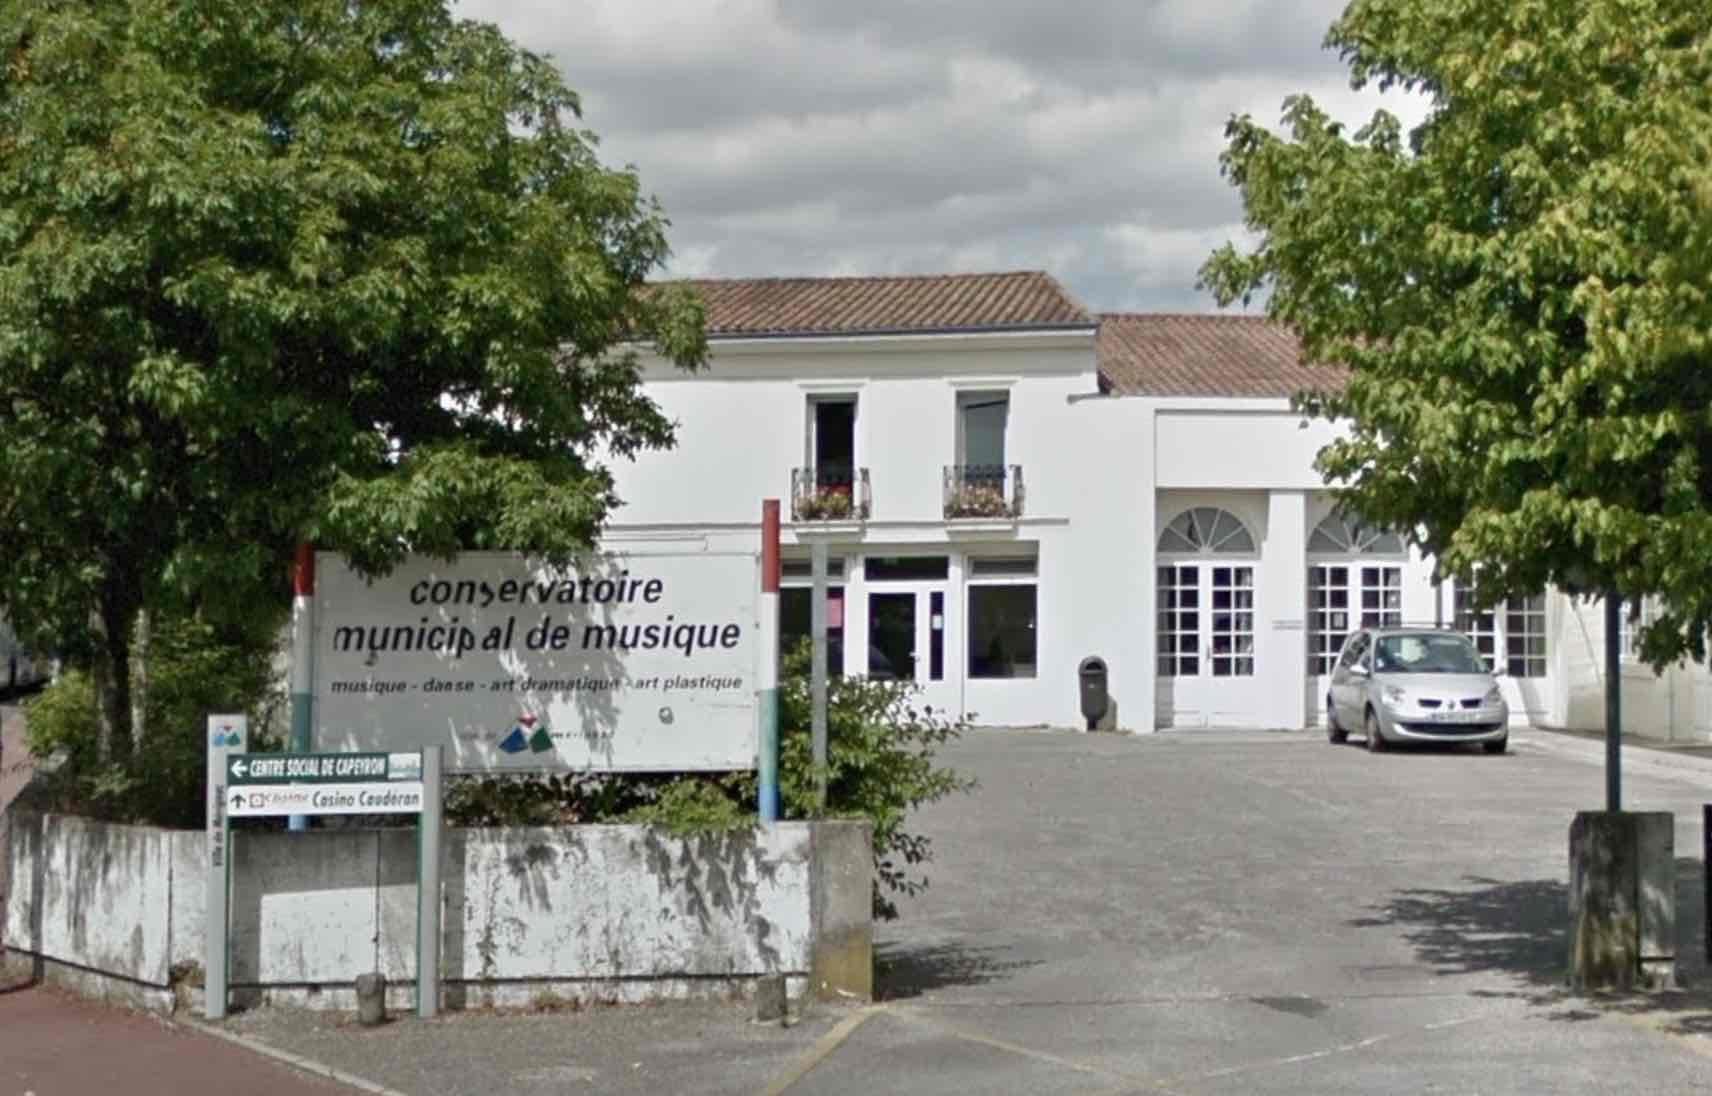 Location De Salle Des Fetes A Merignac Salle Municipale De Capeyron